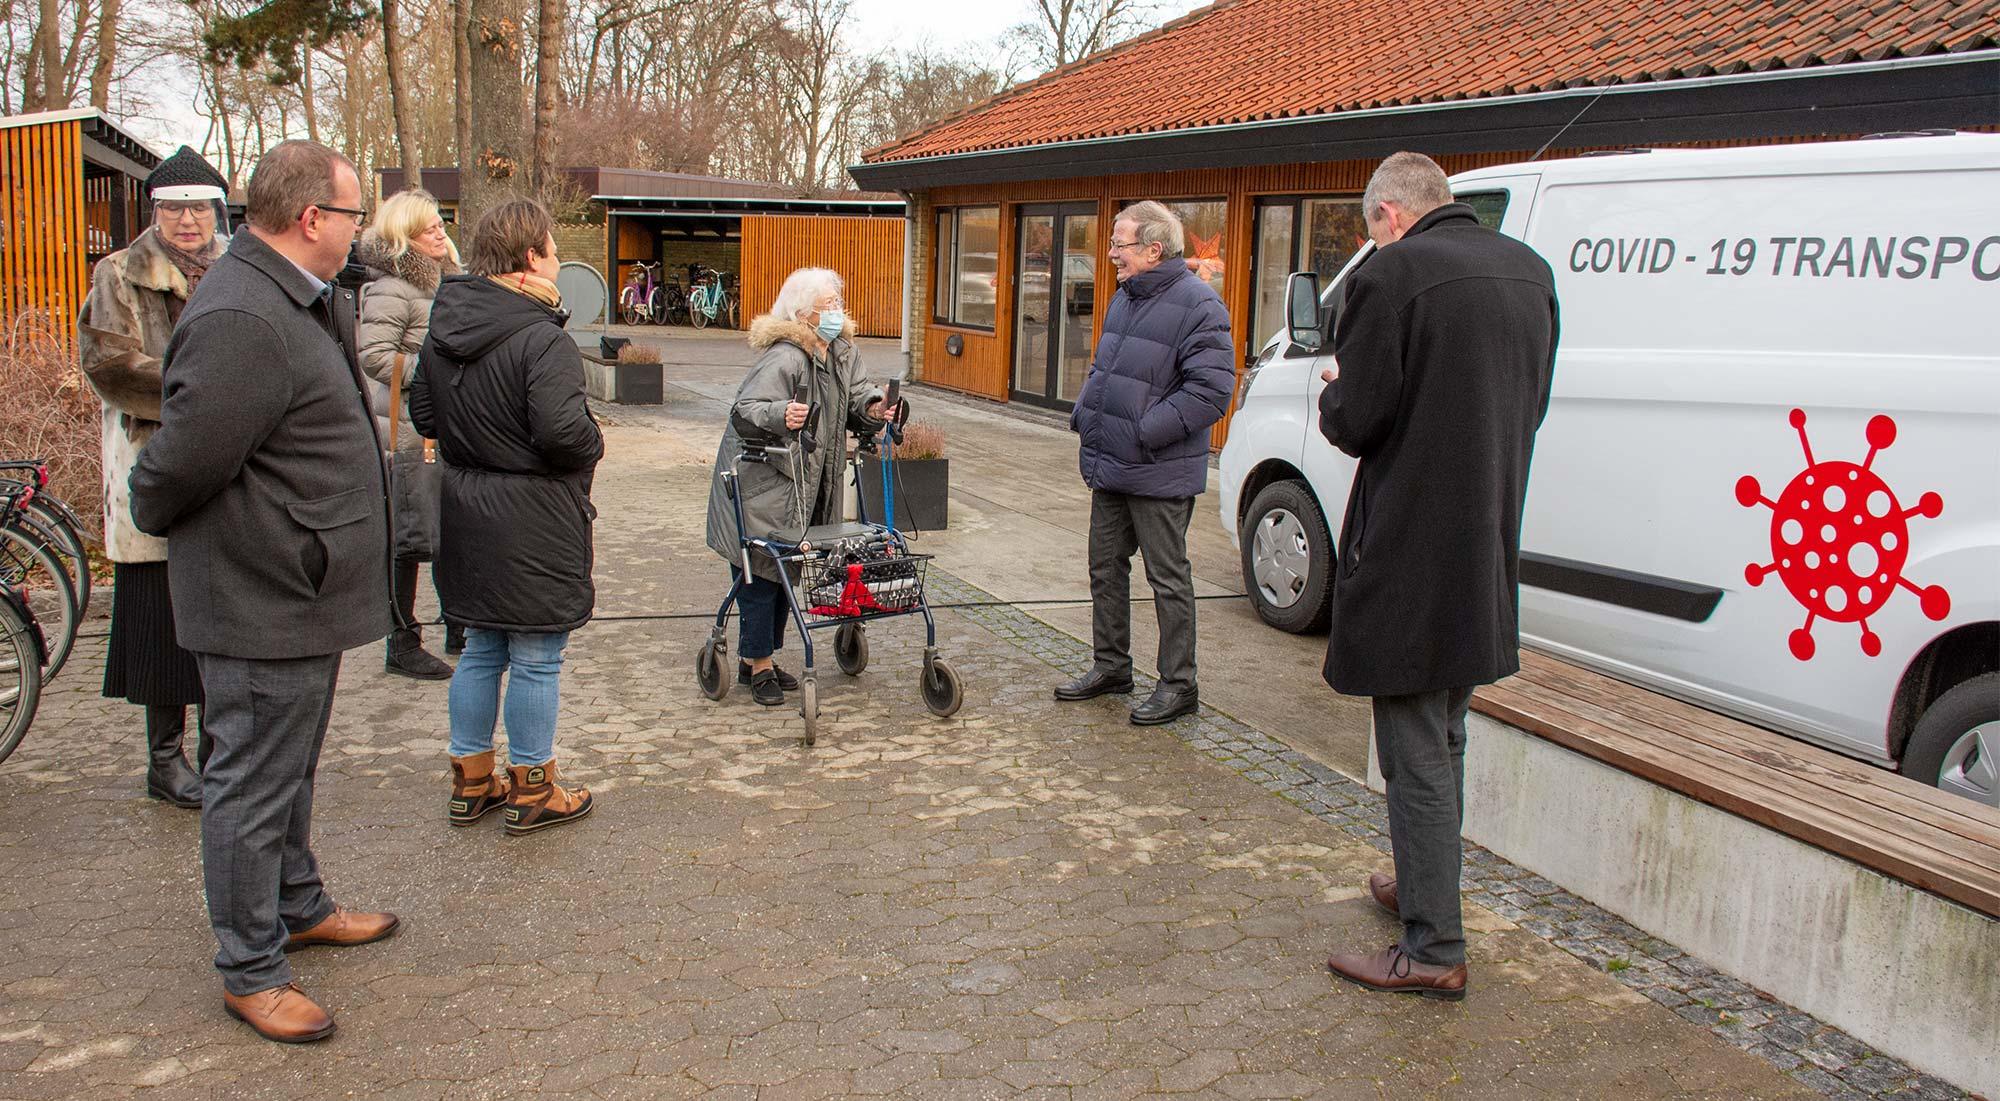 Der holdes pressemøde udenfor med behørig afstand. Foto: Hans Jacob Sørensen.